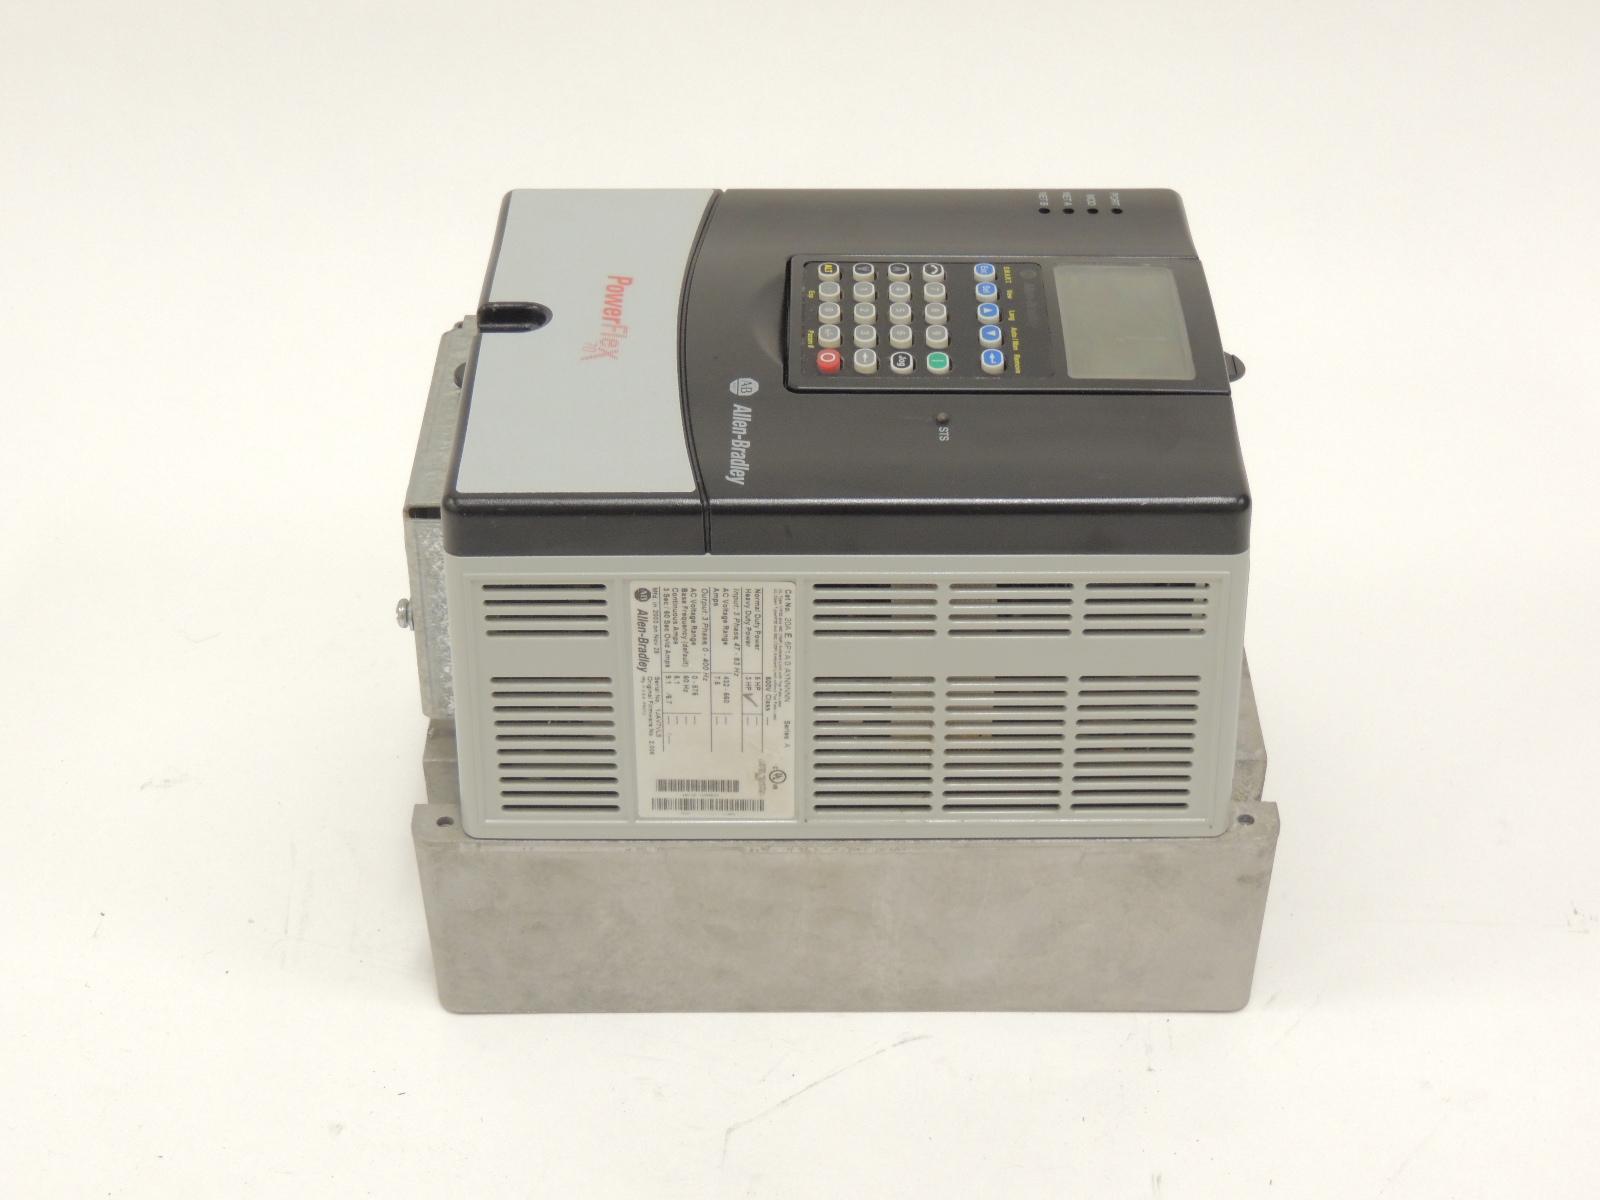 allen bradley powerflex 400 vfd manual